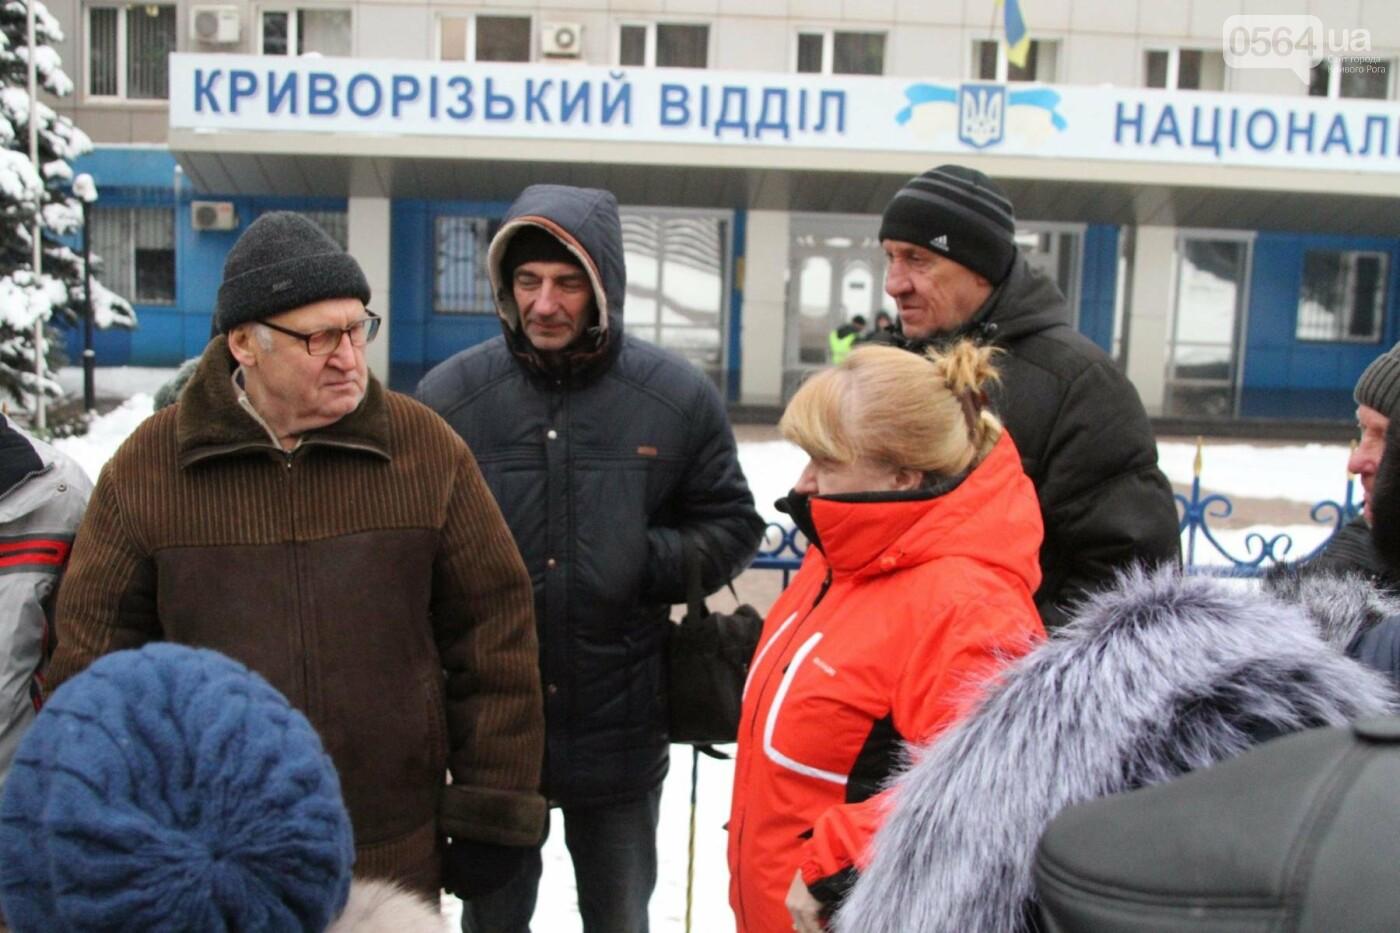 Сотрудники КривбассПВС митинговали под УВД, защищая Константина Борща (ФОТО), фото-8